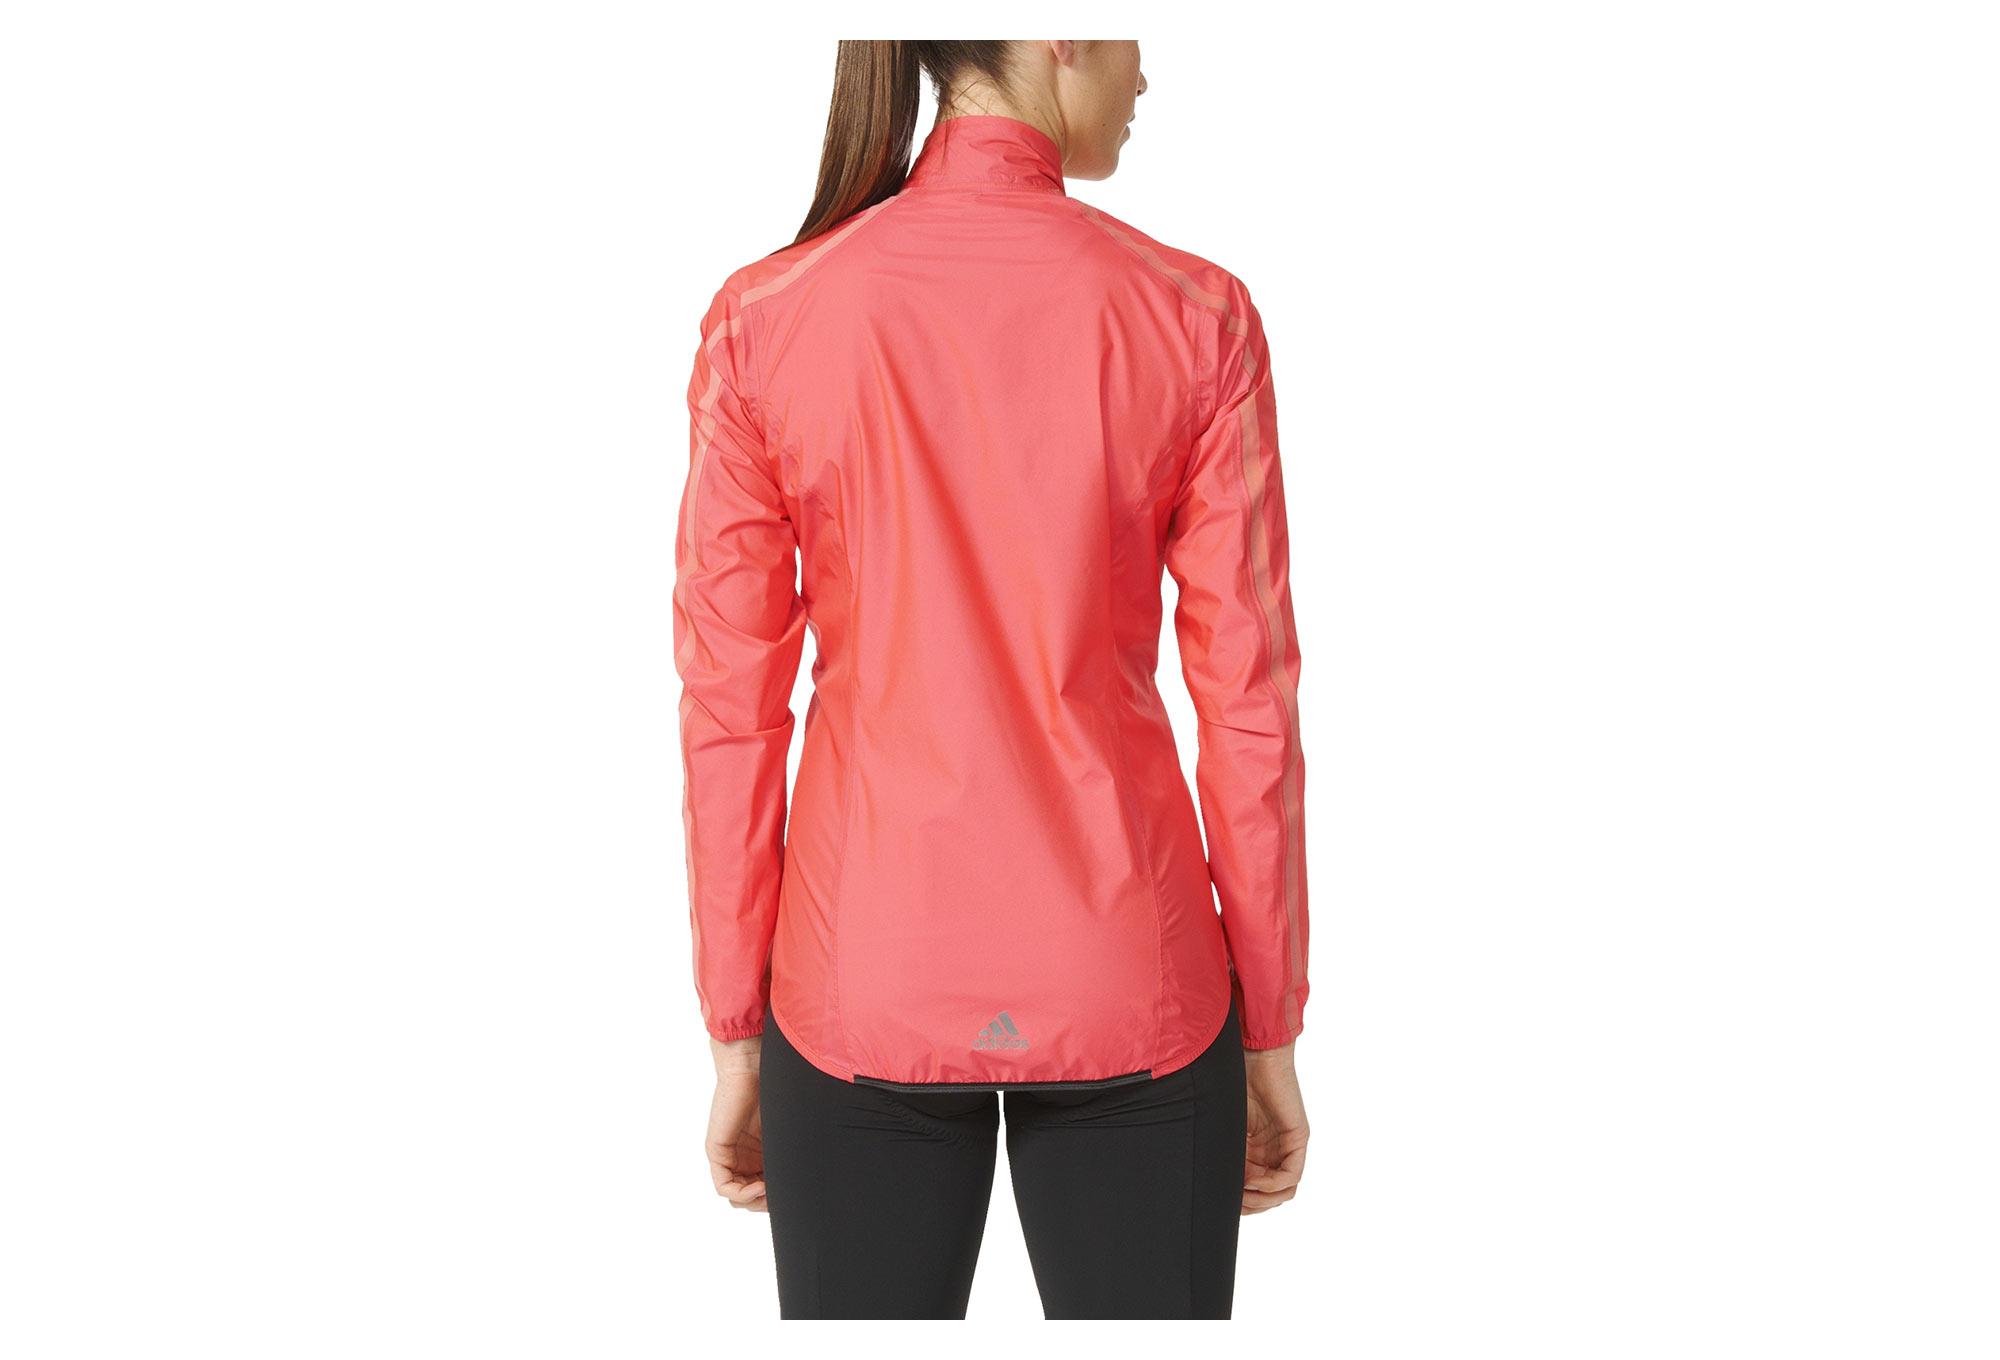 Veste coupe vent imperm able femme adidas cycling h too oh rouge n on - Veste coupe vent impermeable femme ...